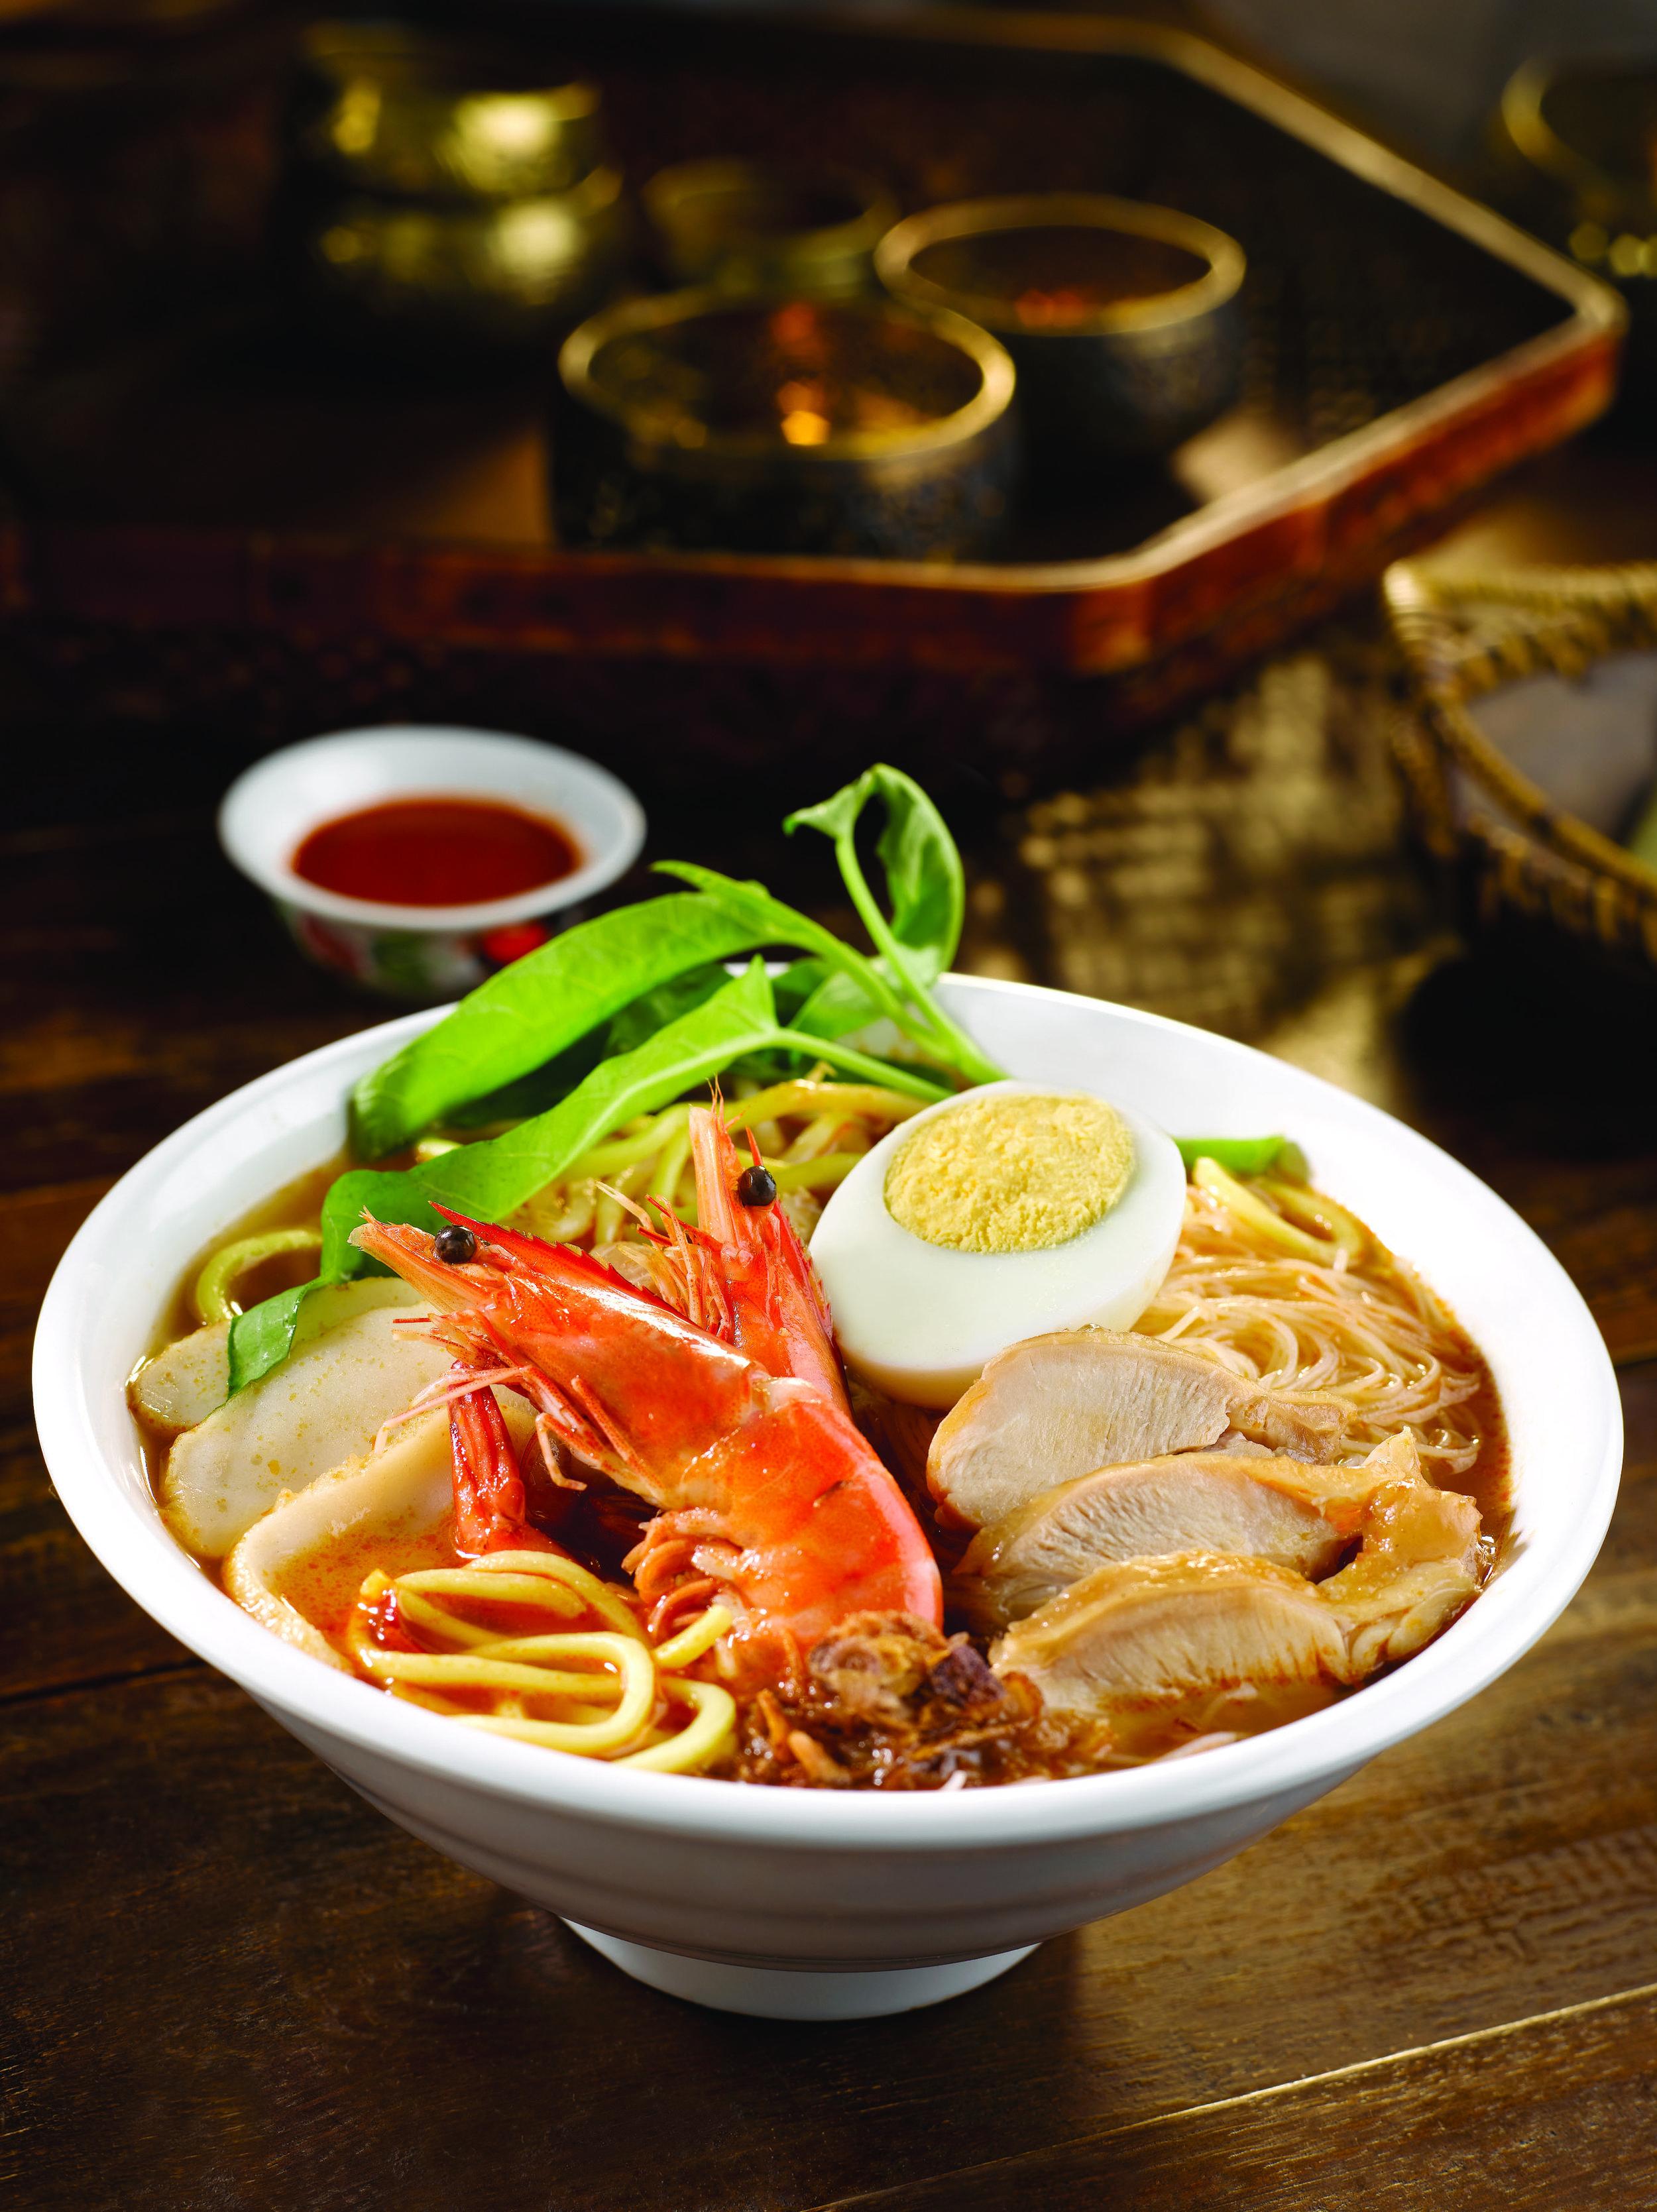 Penang Hokkien Prawn Noodles